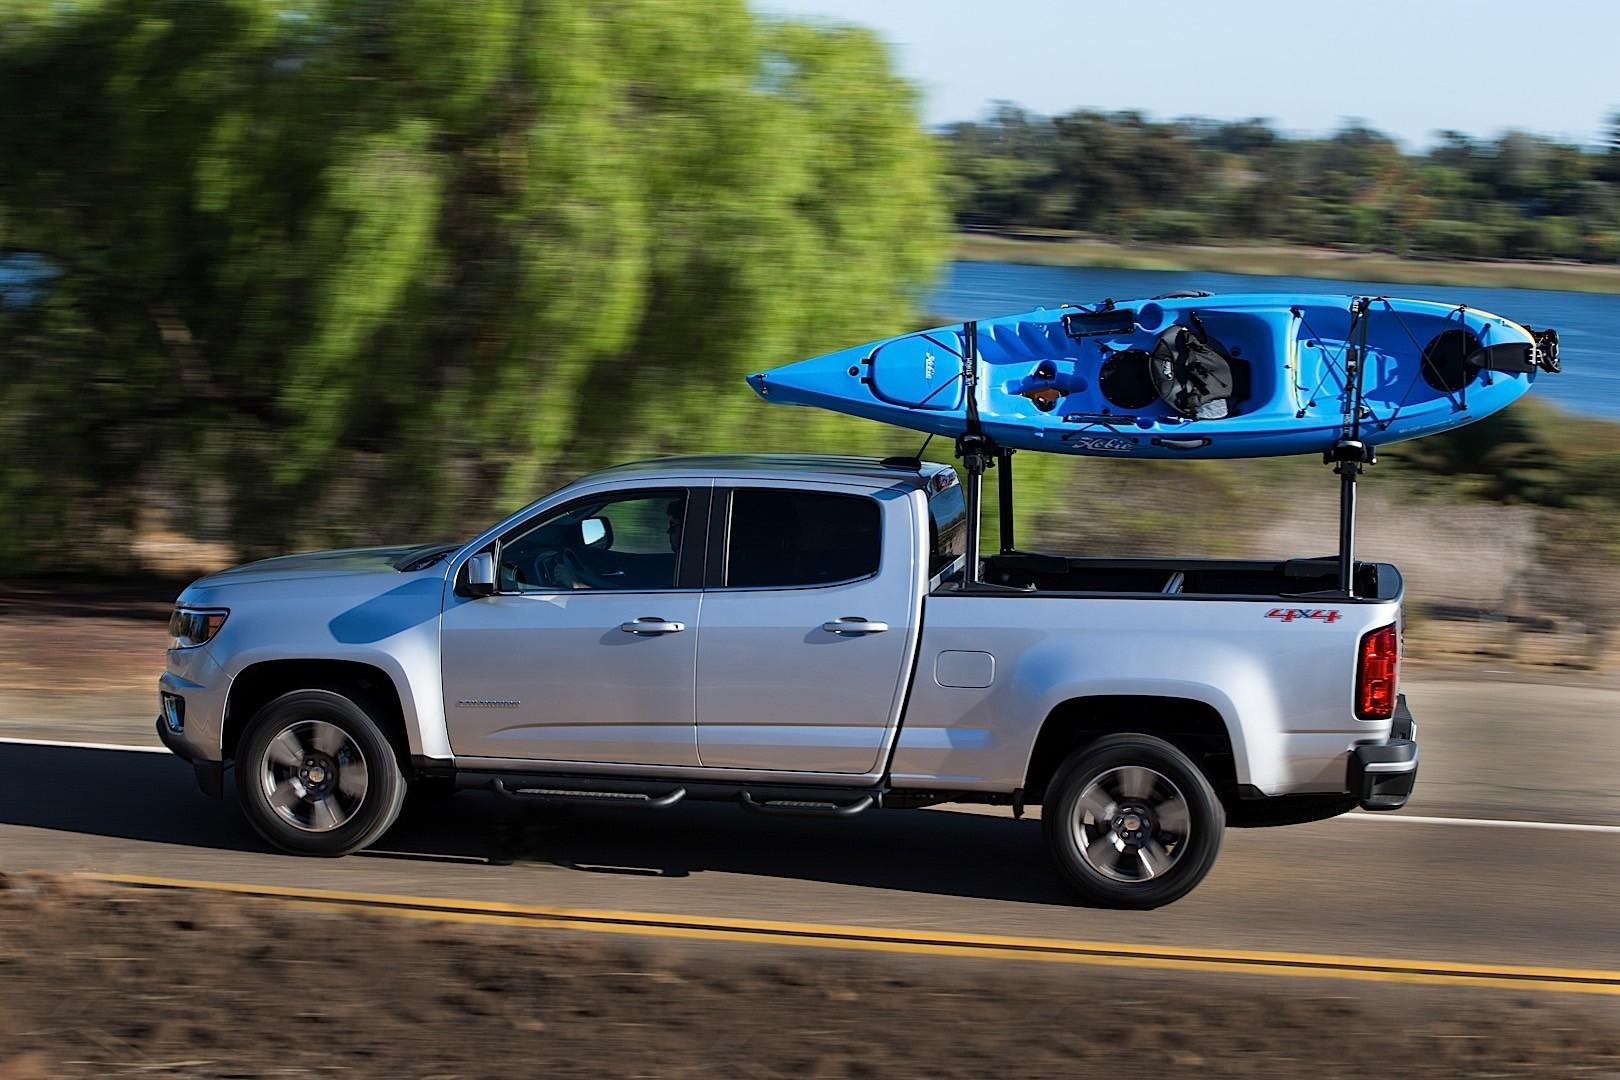 2015 Crew Cab Silverado >> CHEVROLET Colorado Crew Cab - 2015, 2016 - autoevolution